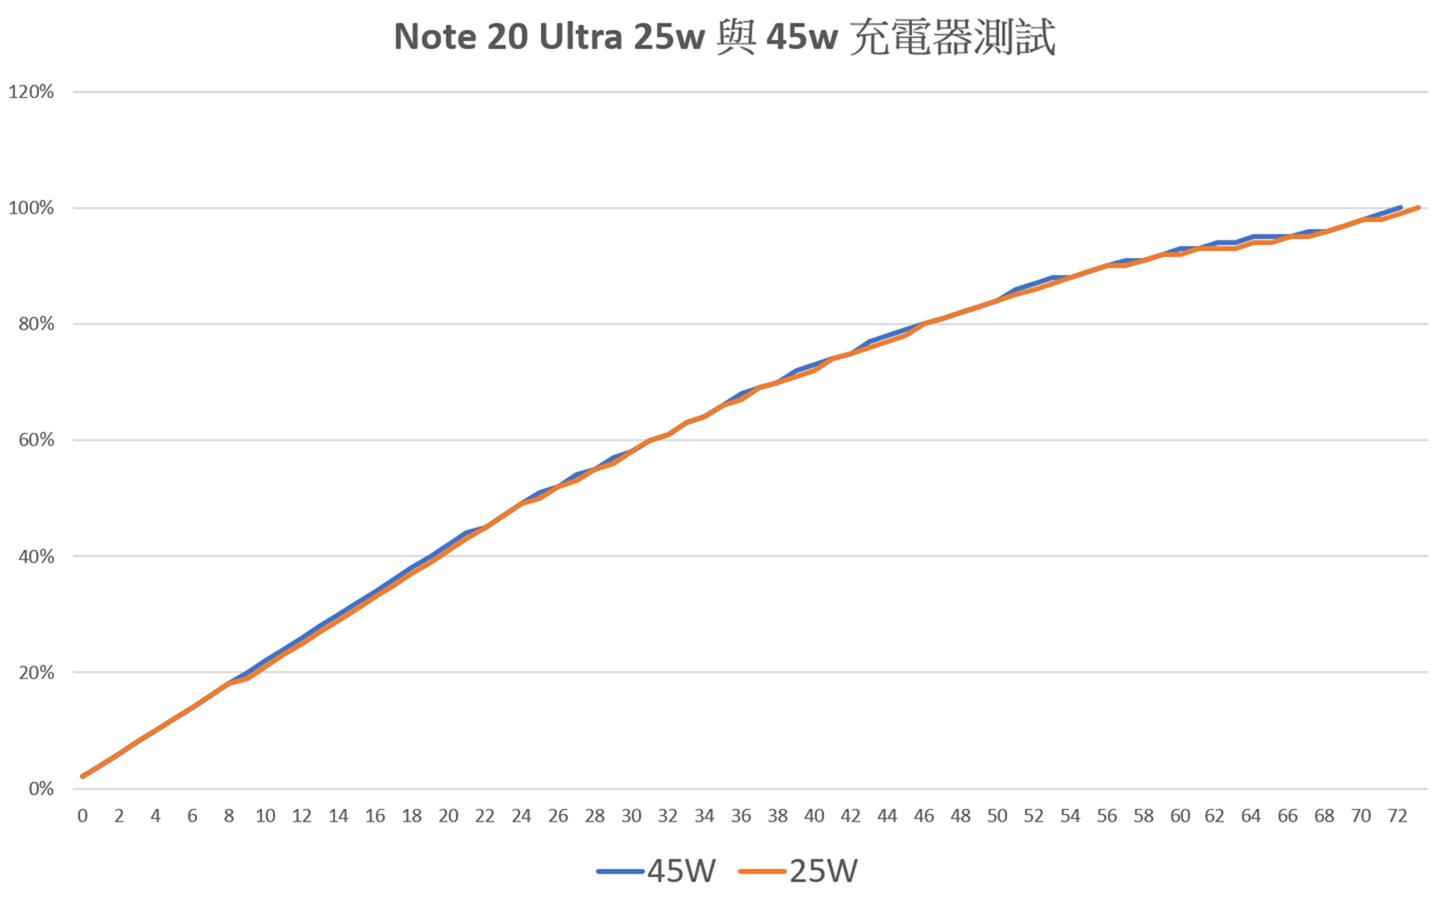 [实测] Note 20 Ultra 到底支不支持 45W 充电?实际试试看 @3C 达人廖阿辉